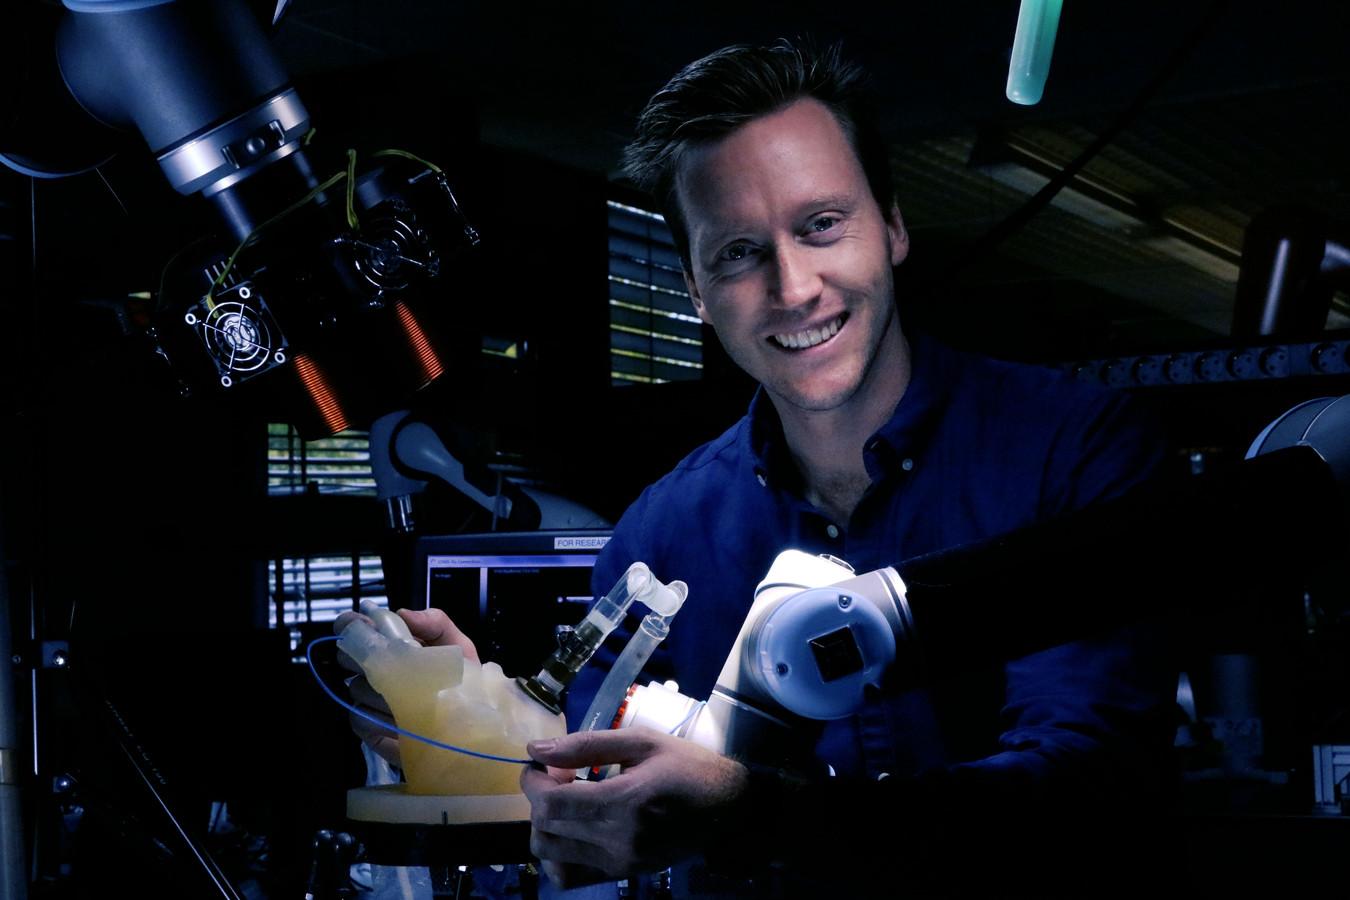 Christoff Heunis met de robotarm die de chirurg moeten bijstaan.